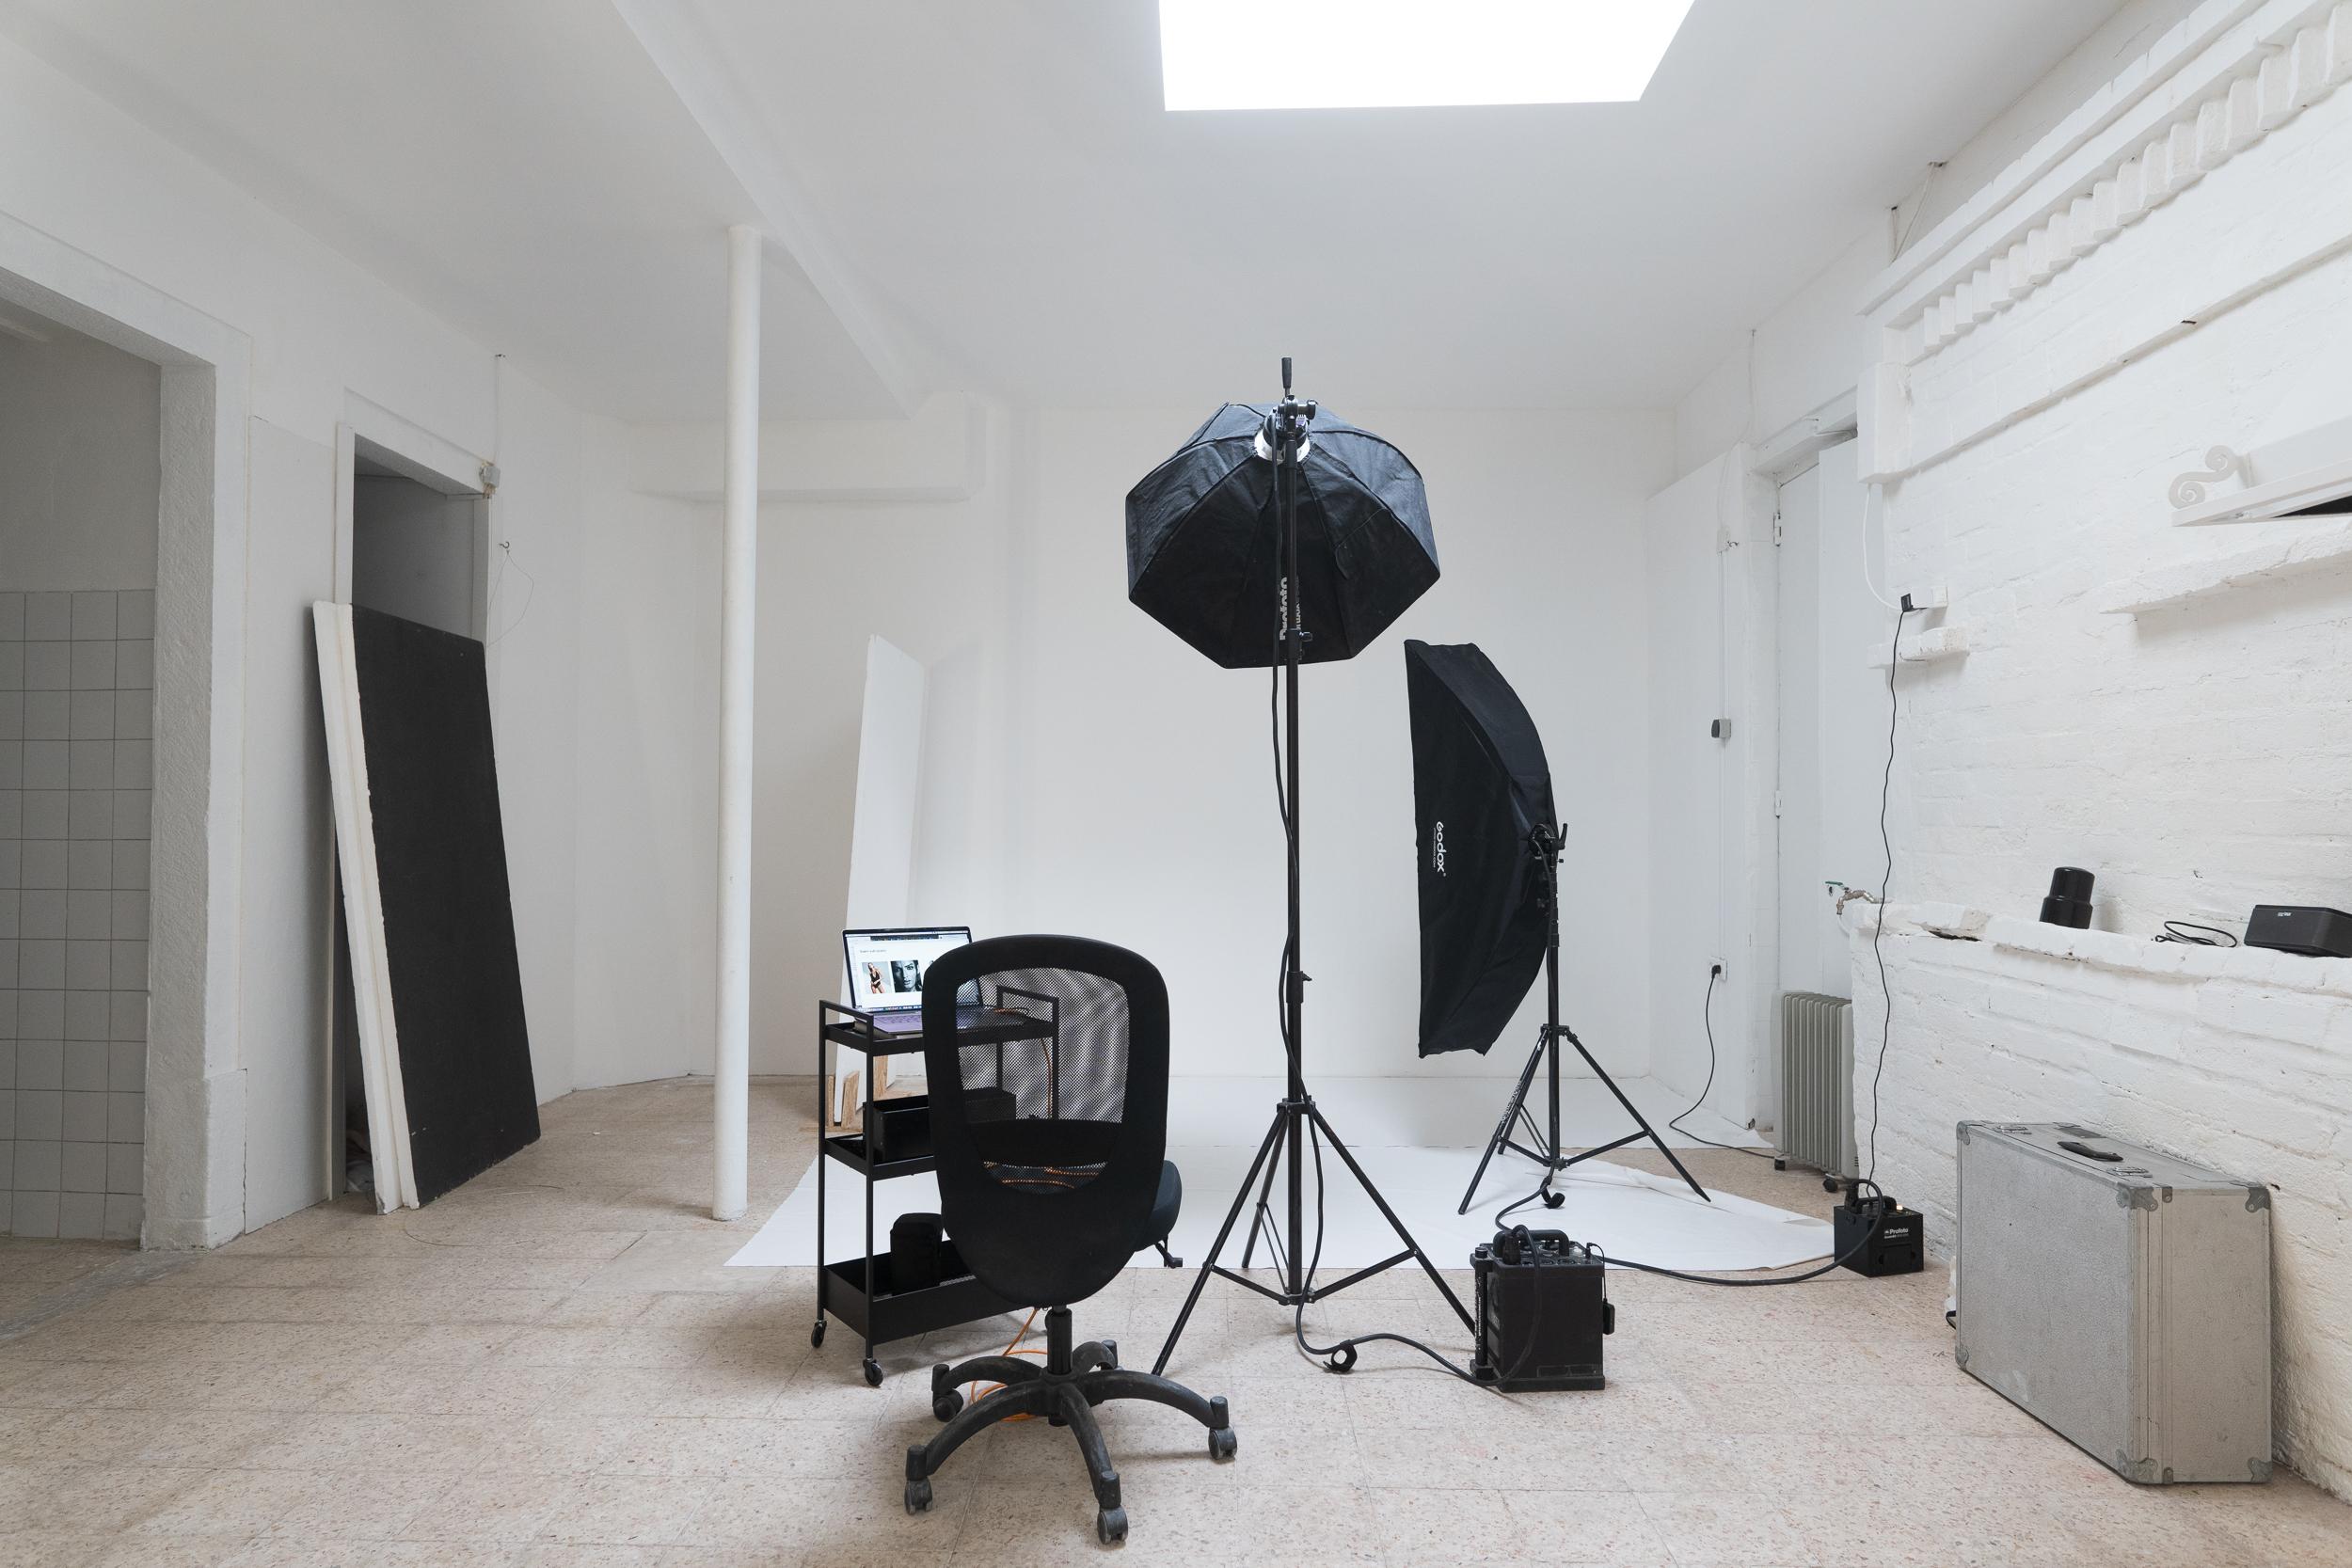 Contact Lisboa studio photographer